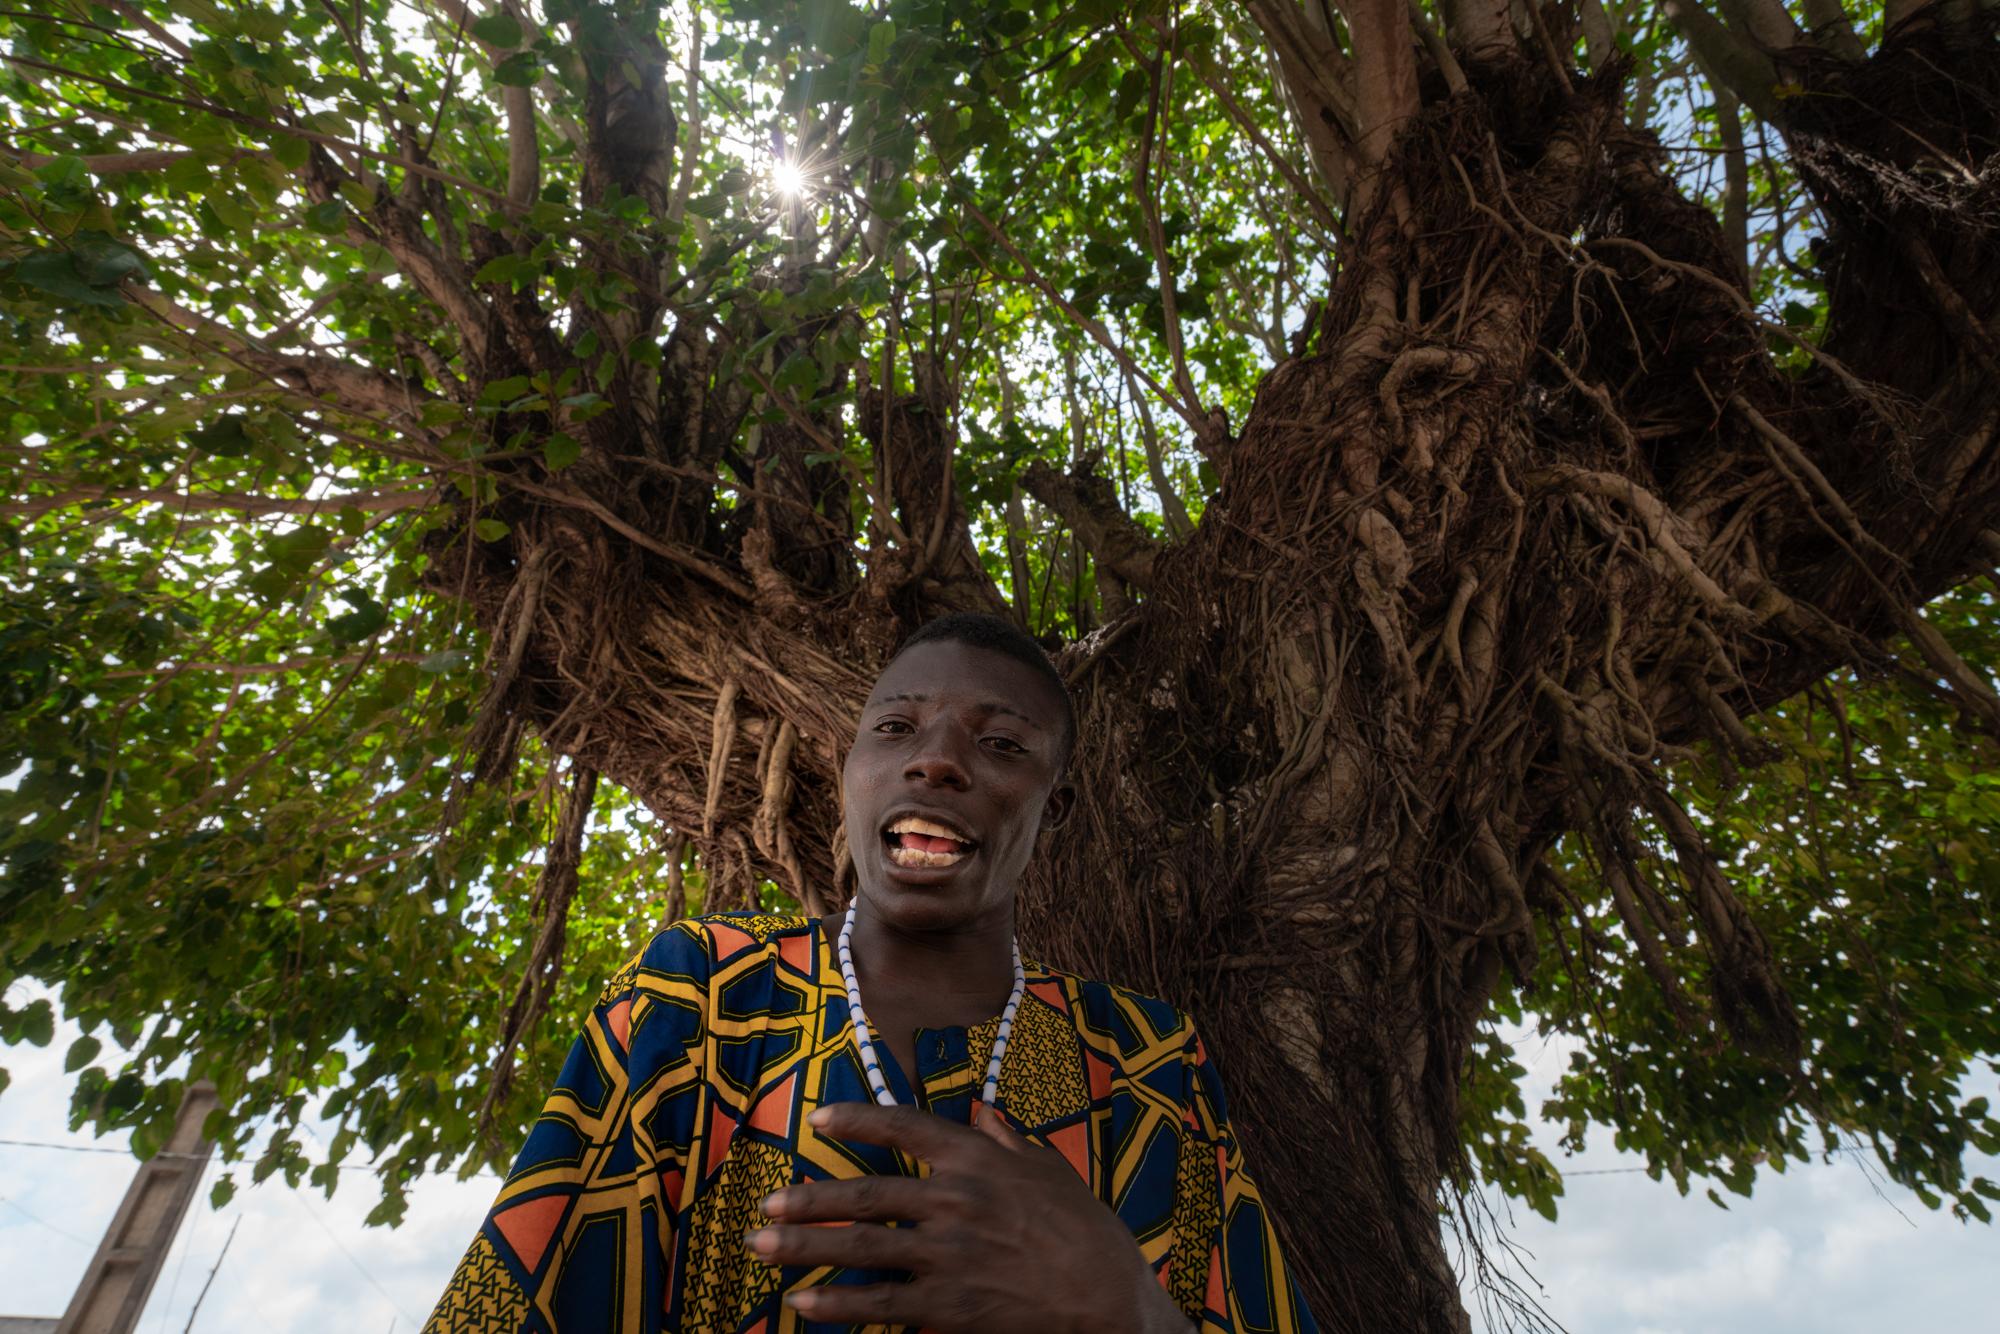 Benin_2000 sin título2018-00773 7952 x 5304.jpg